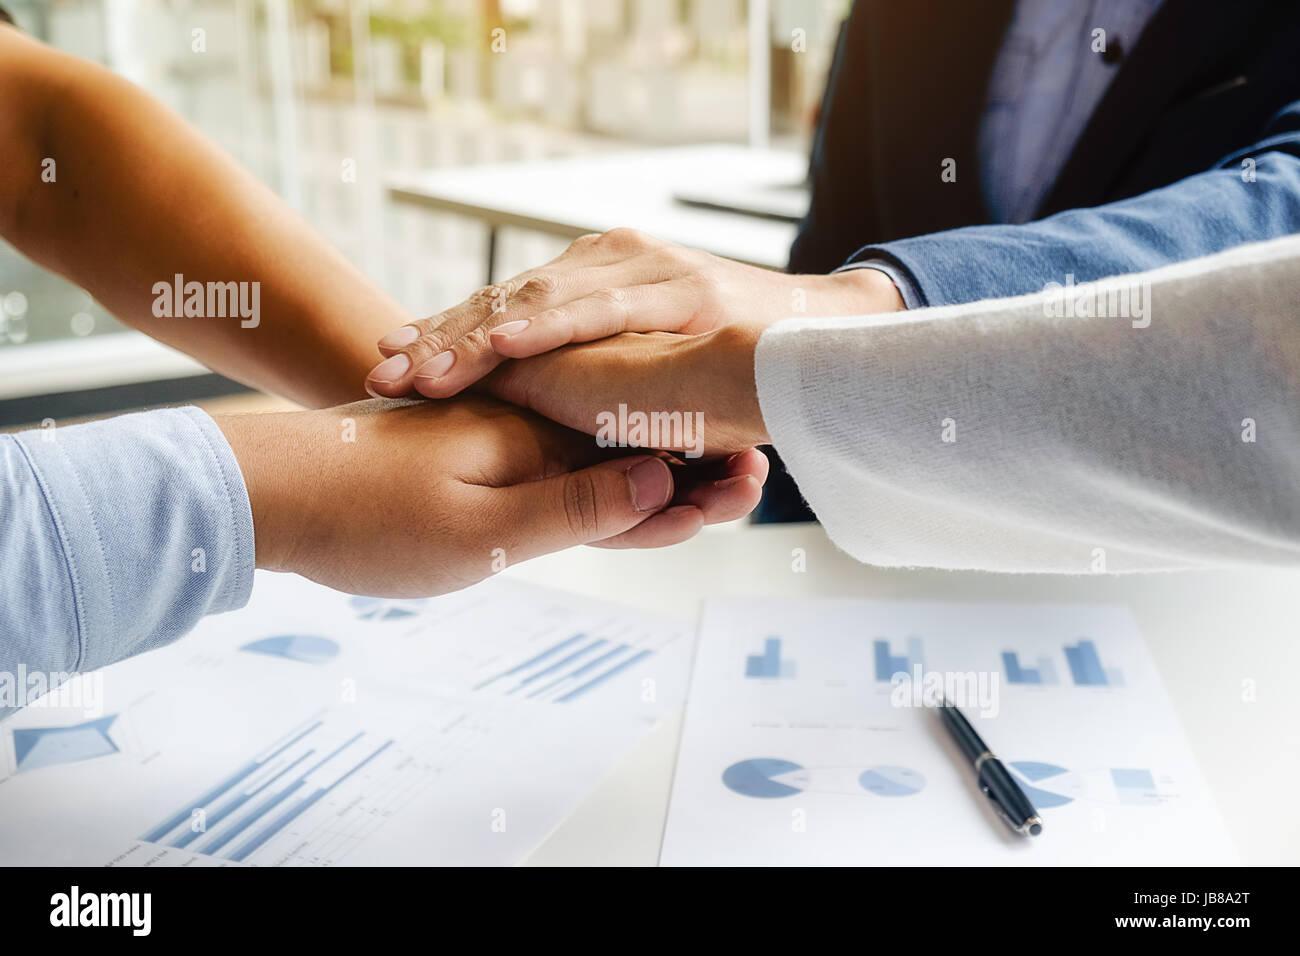 Il lavoro di squadra unire le mani supporto insieme concetto. Il team di Business collaboratore Riunione di brainstorming Immagini Stock